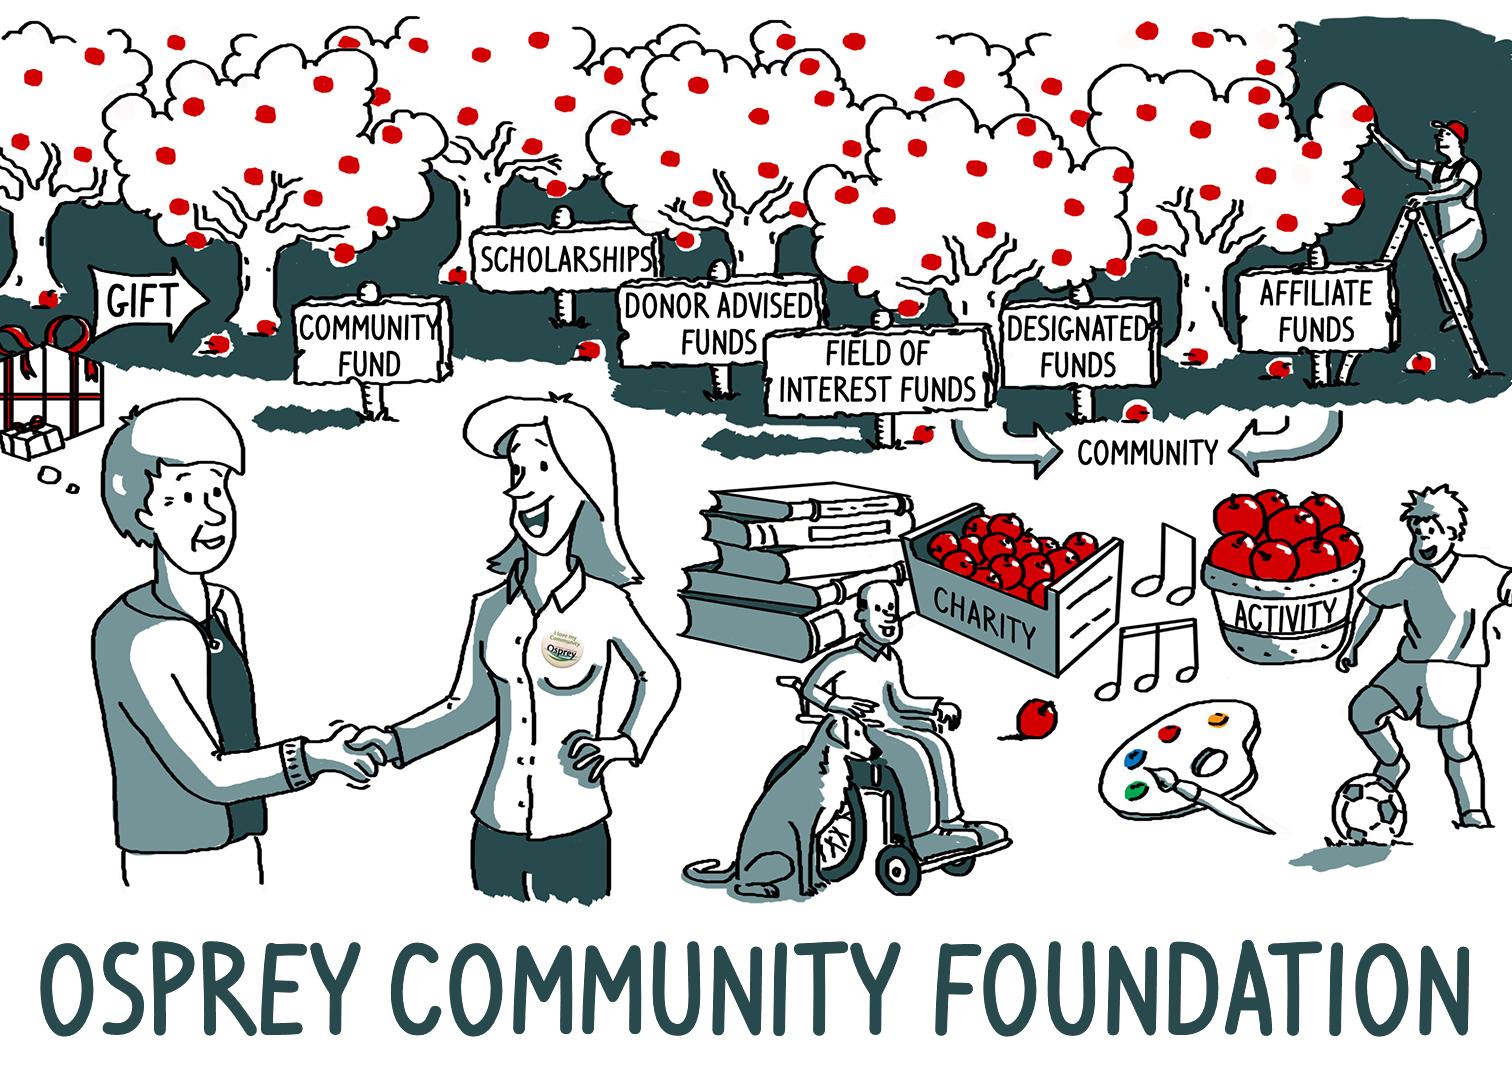 Osprey Community Foundation